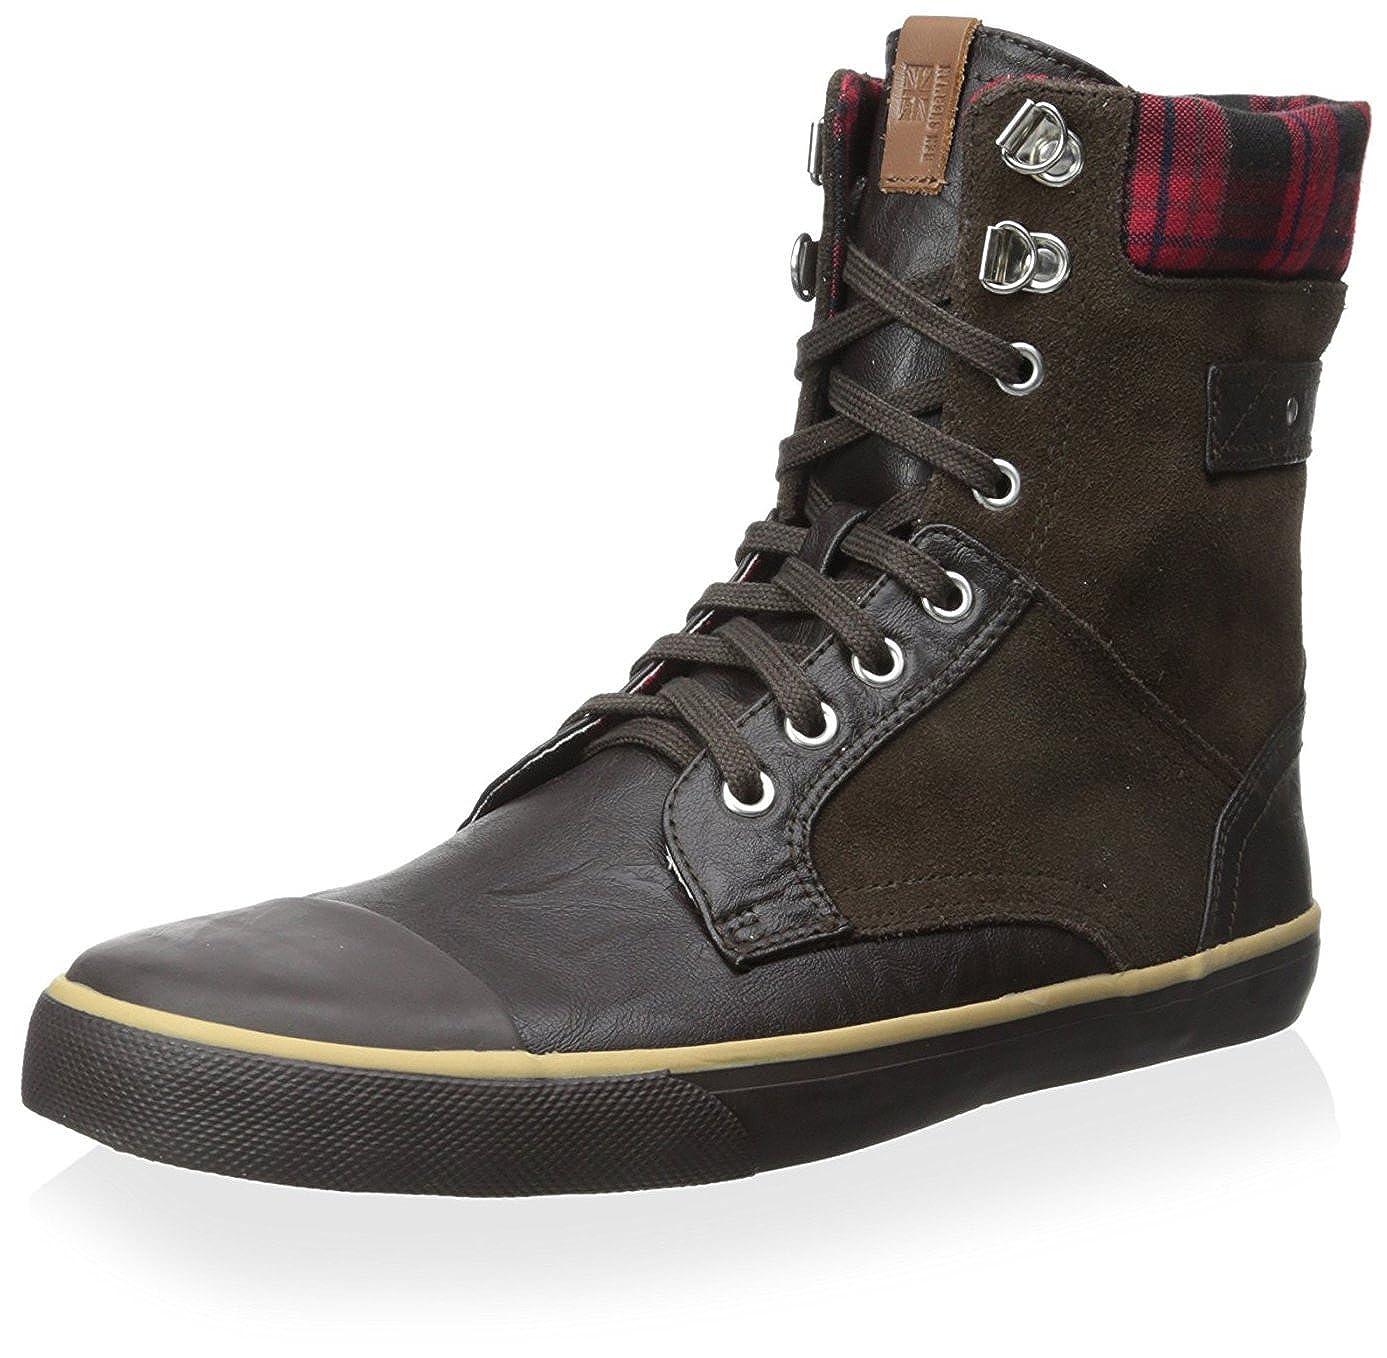 Ben Sherman Men's Carter Fashion Sneaker Chocolate 40 M EU/7 M US BN500013